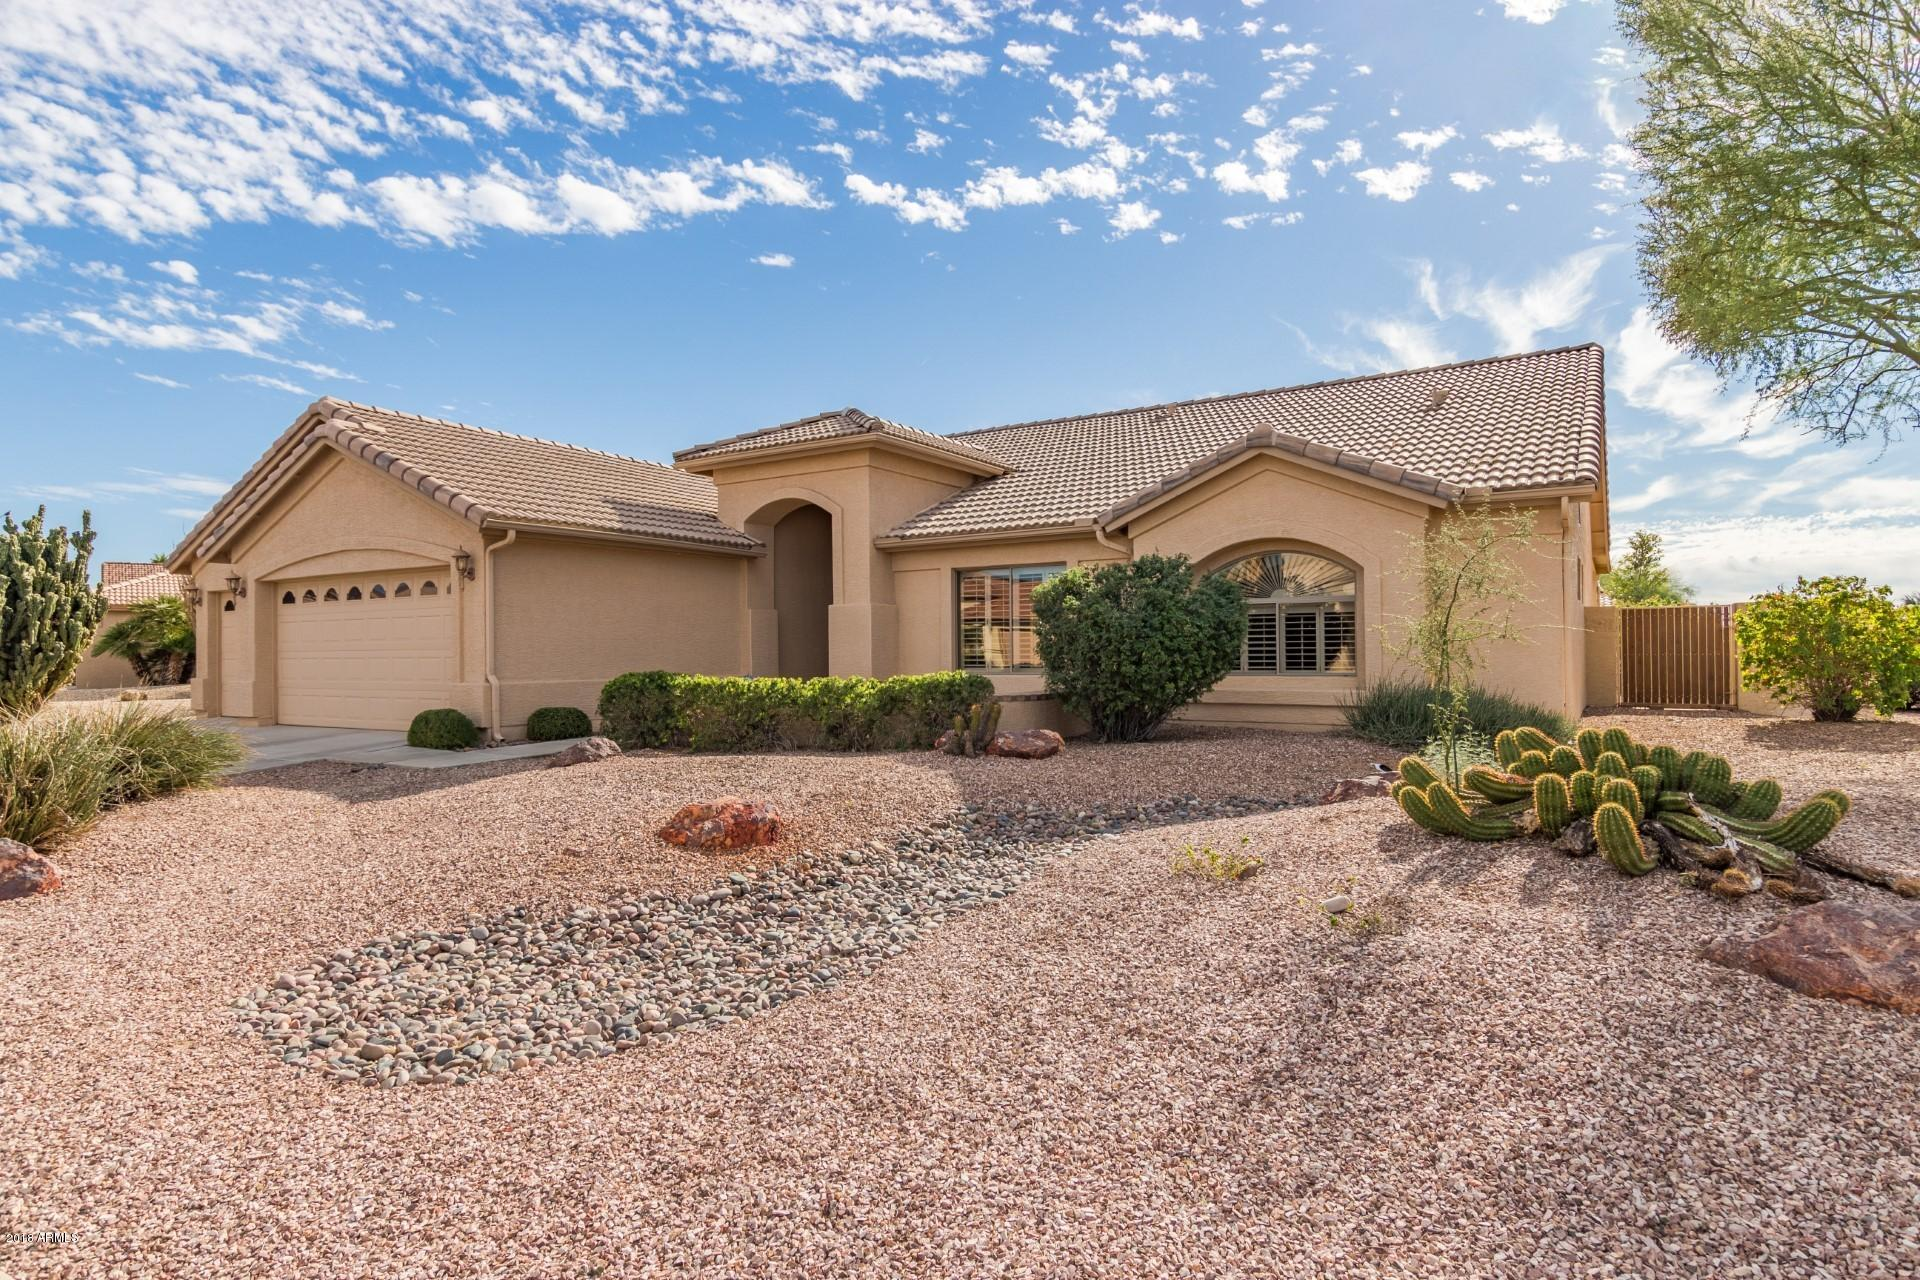 Photo for 10305 E Sunburst Drive, Sun Lakes, AZ 85248 (MLS # 5854660)